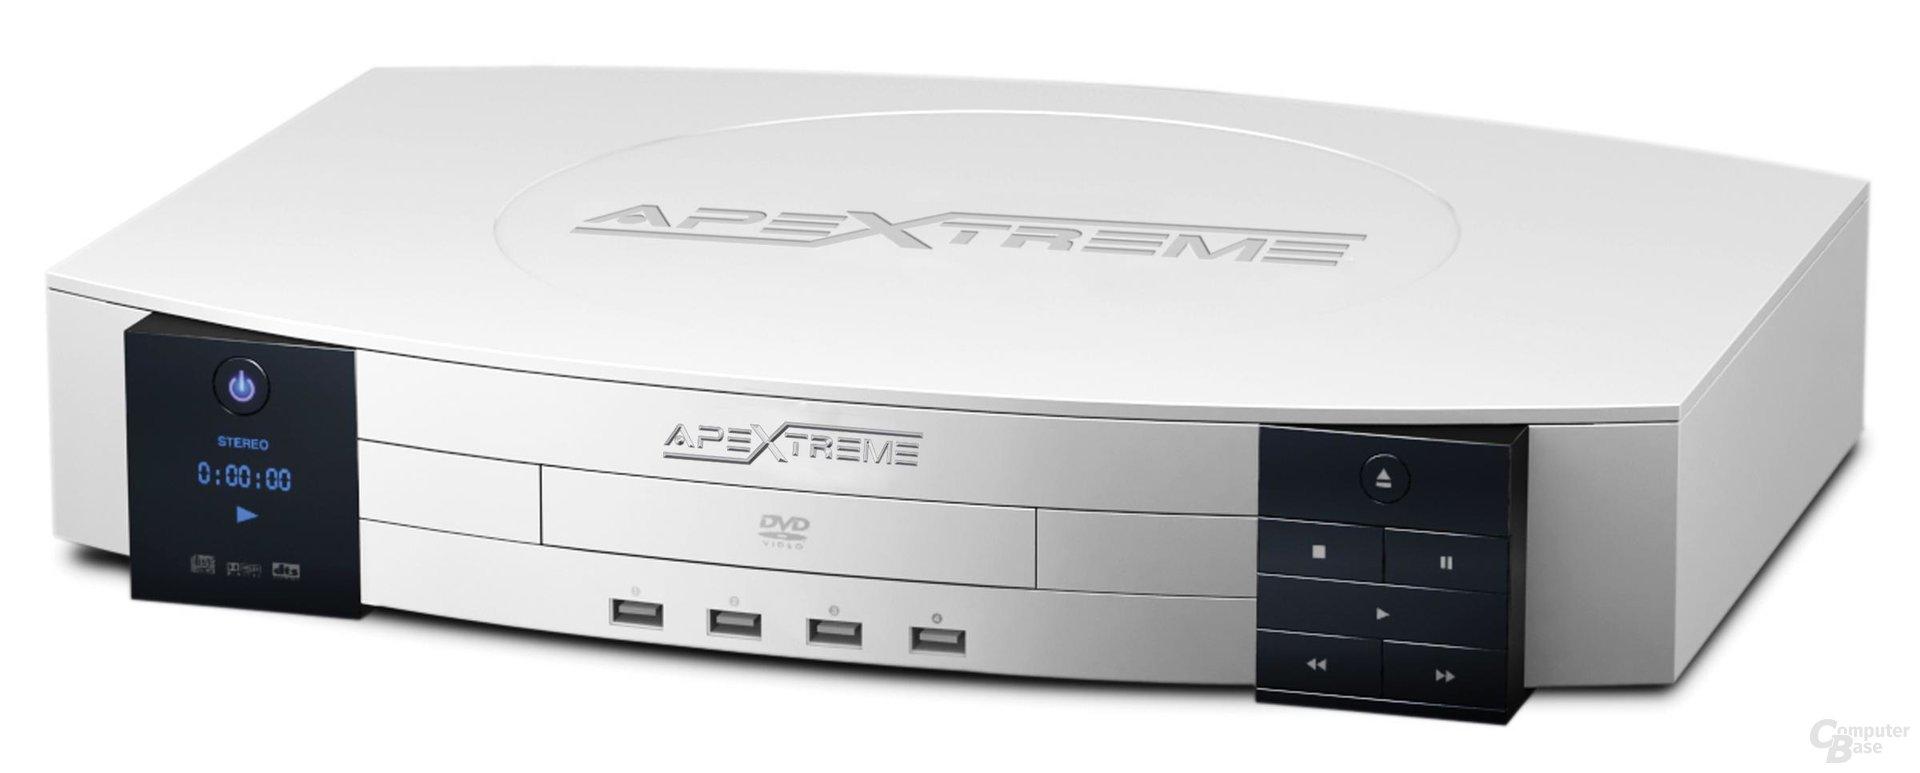 ApeXtreme